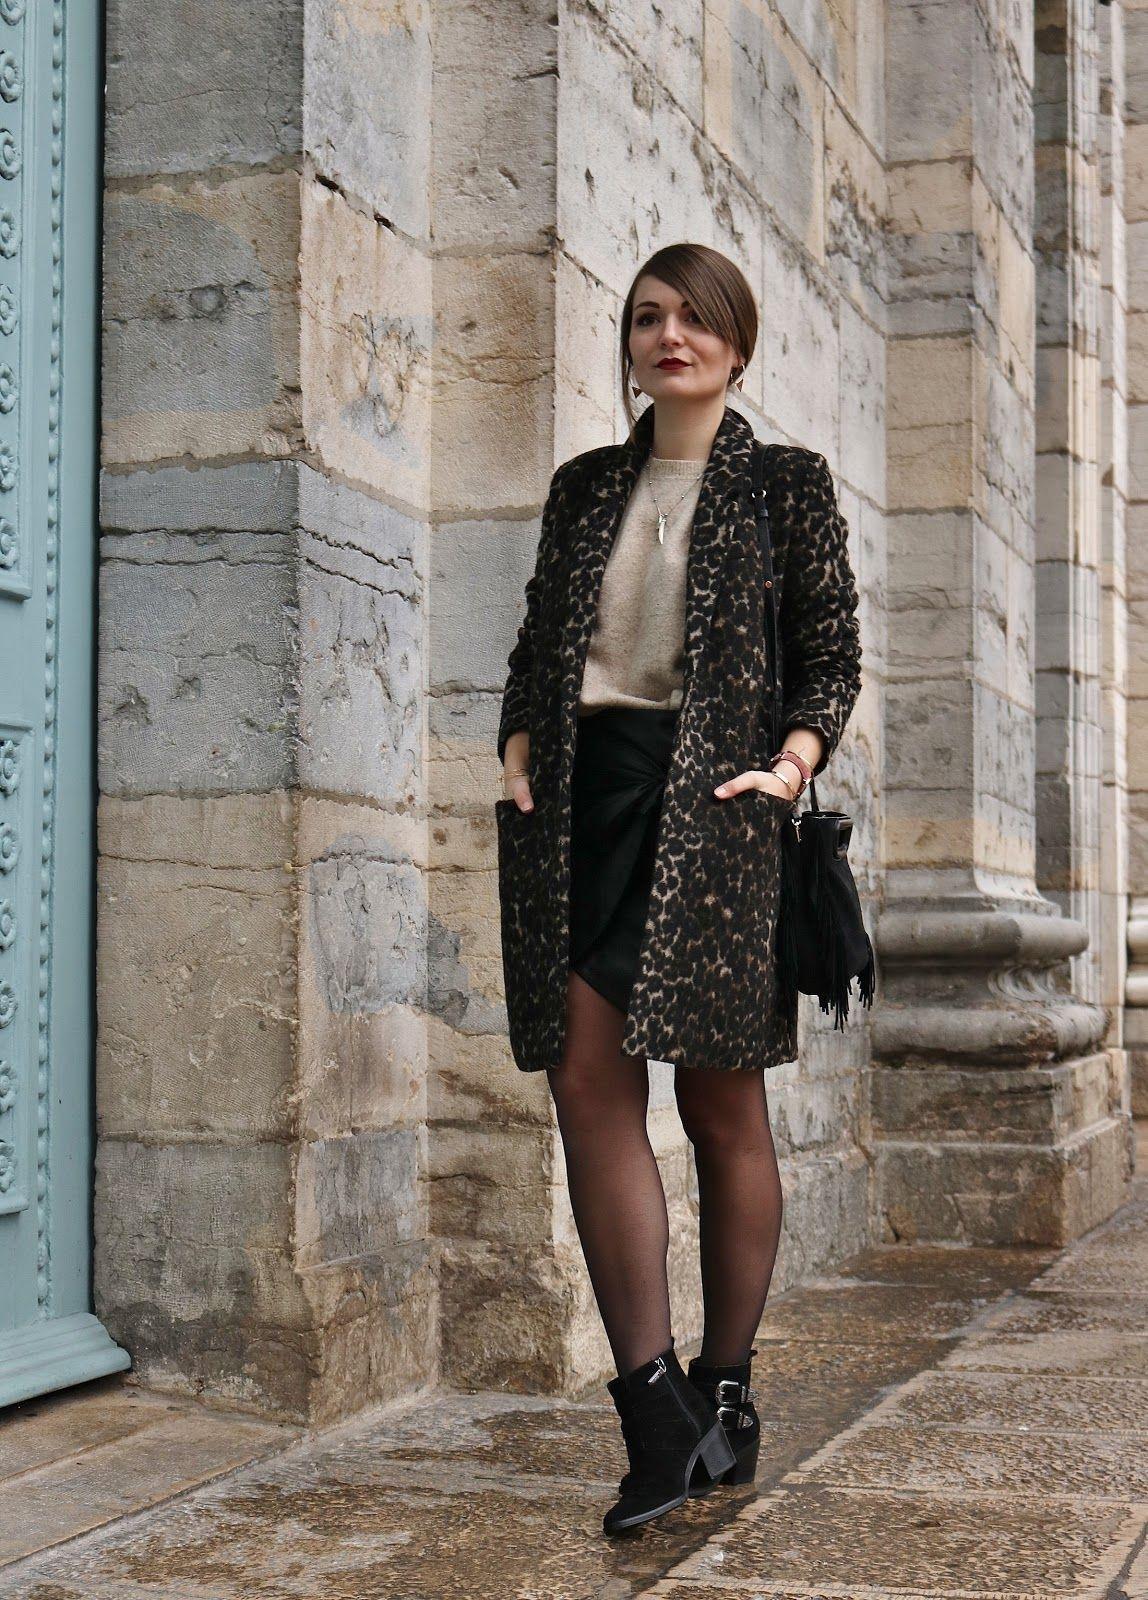 d32c8083ea3 pauline-dress-blog-mode-besancon-deco-lifestyle-manteau-leopard ...